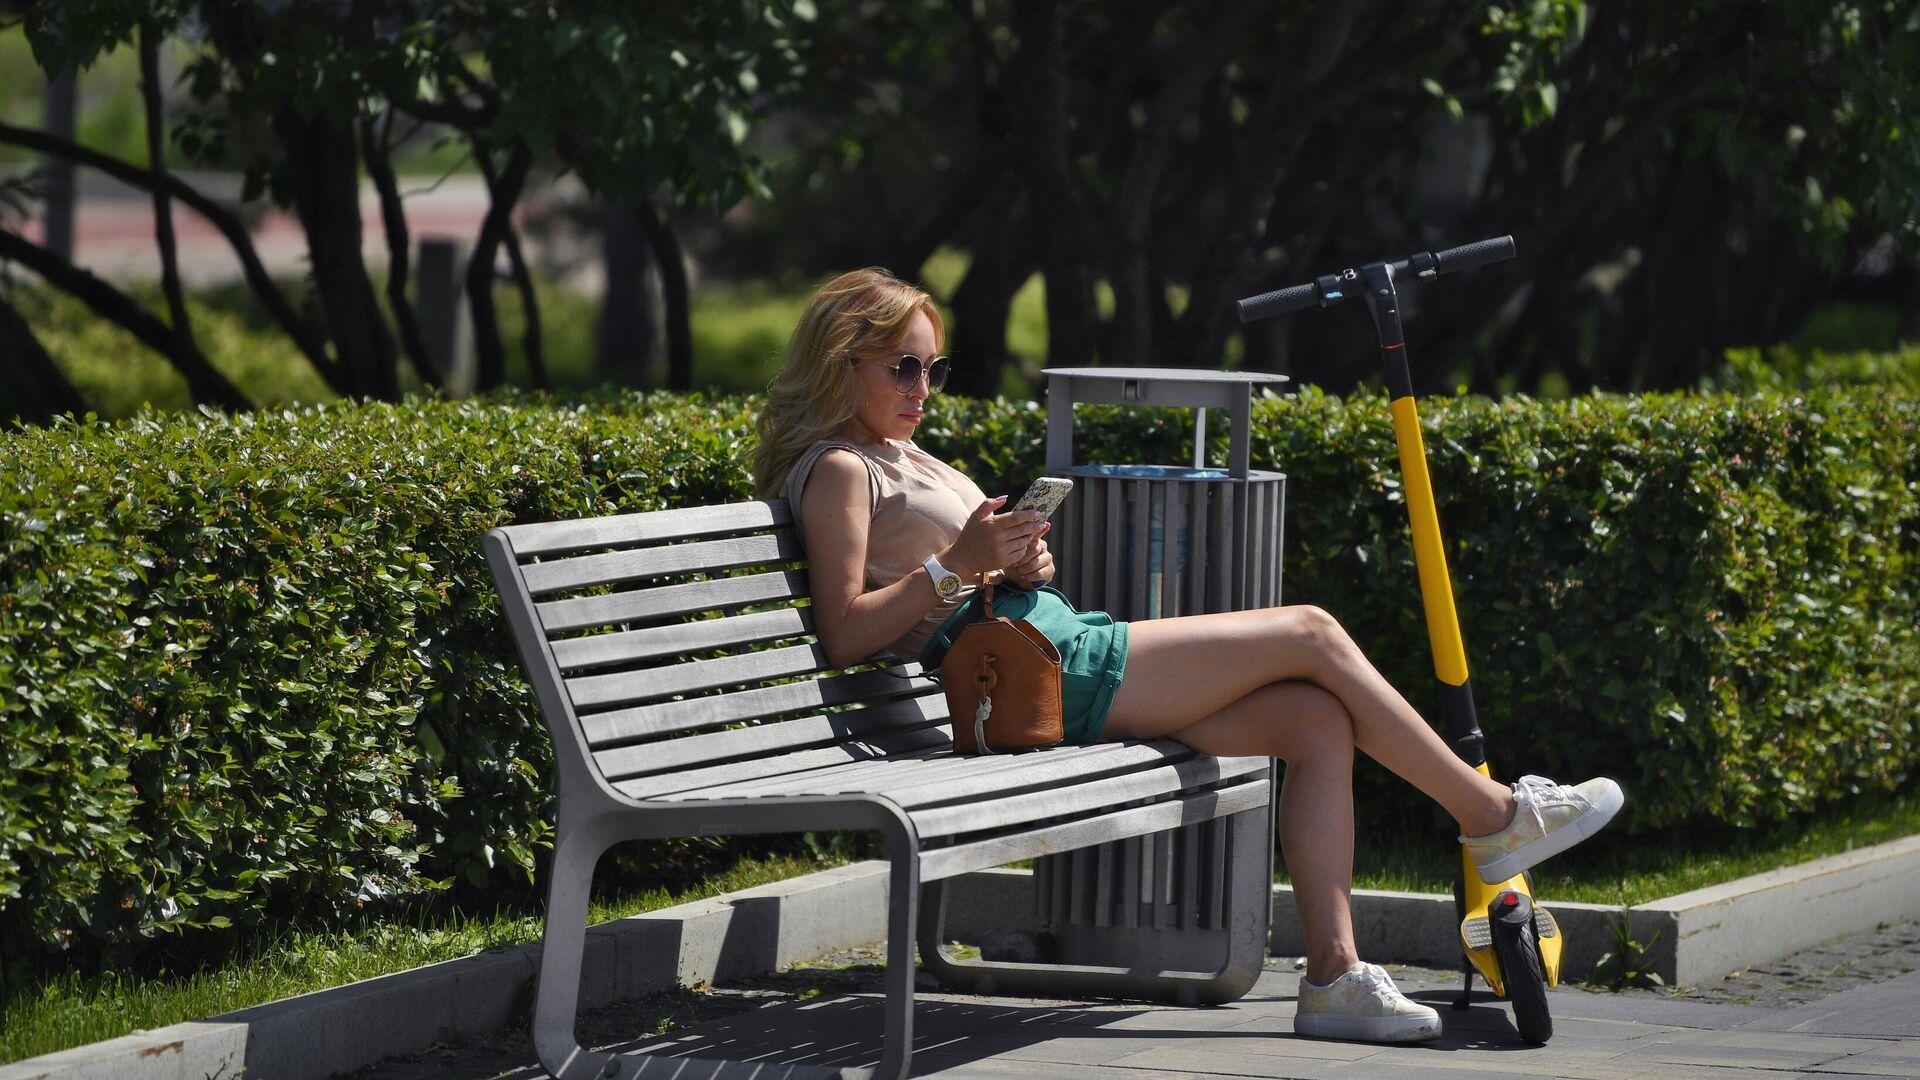 Девушка со смартфоном в парке - РИА Новости, 1920, 26.07.2021